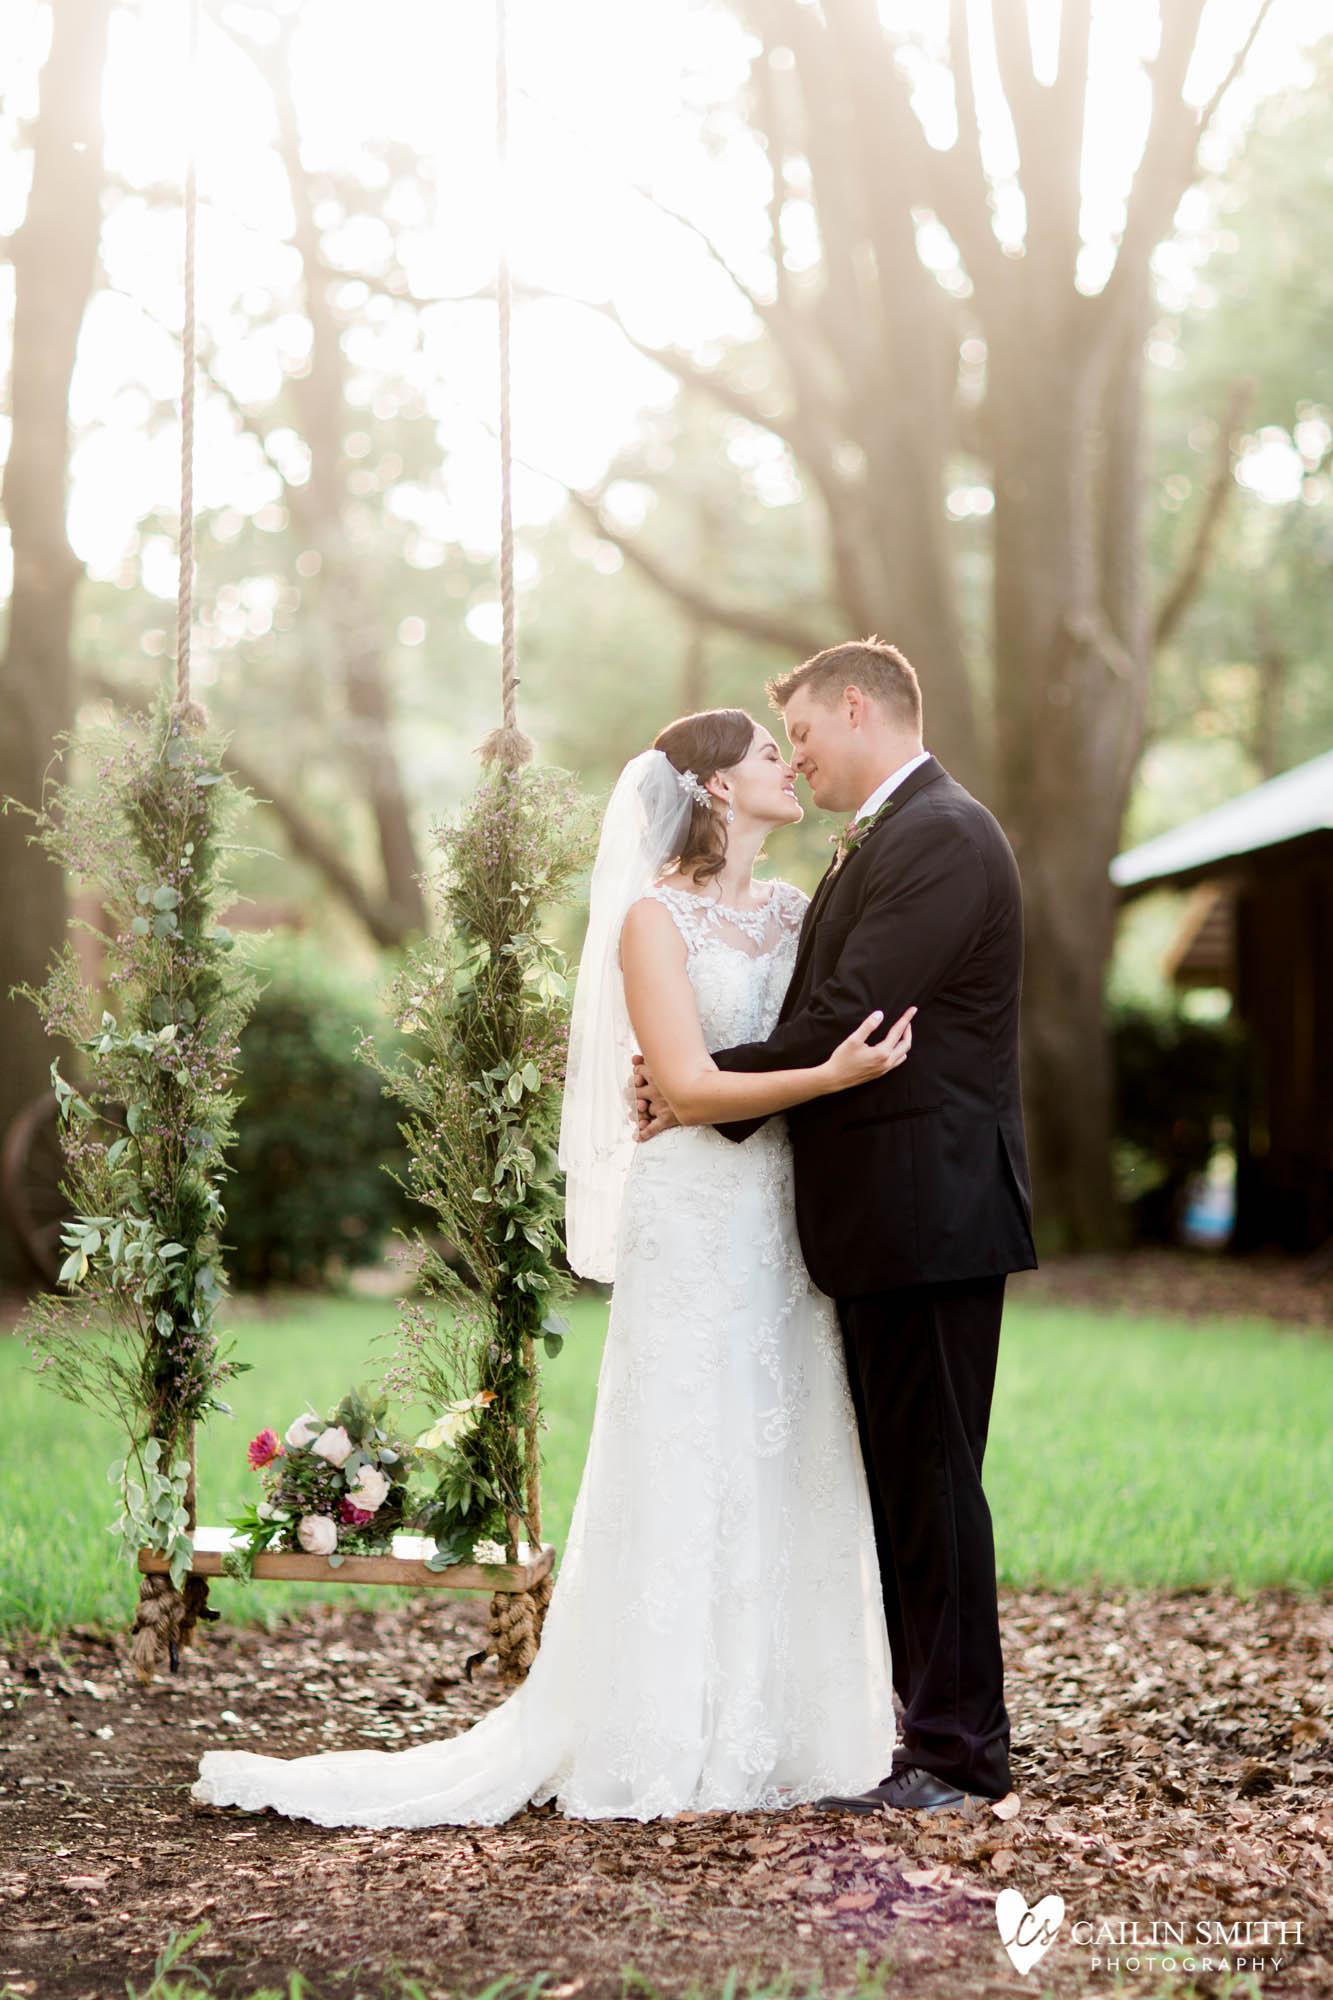 Bethany_Kyle_Bowing_Oaks_Plantation_Wedding_Photography_0085.jpg